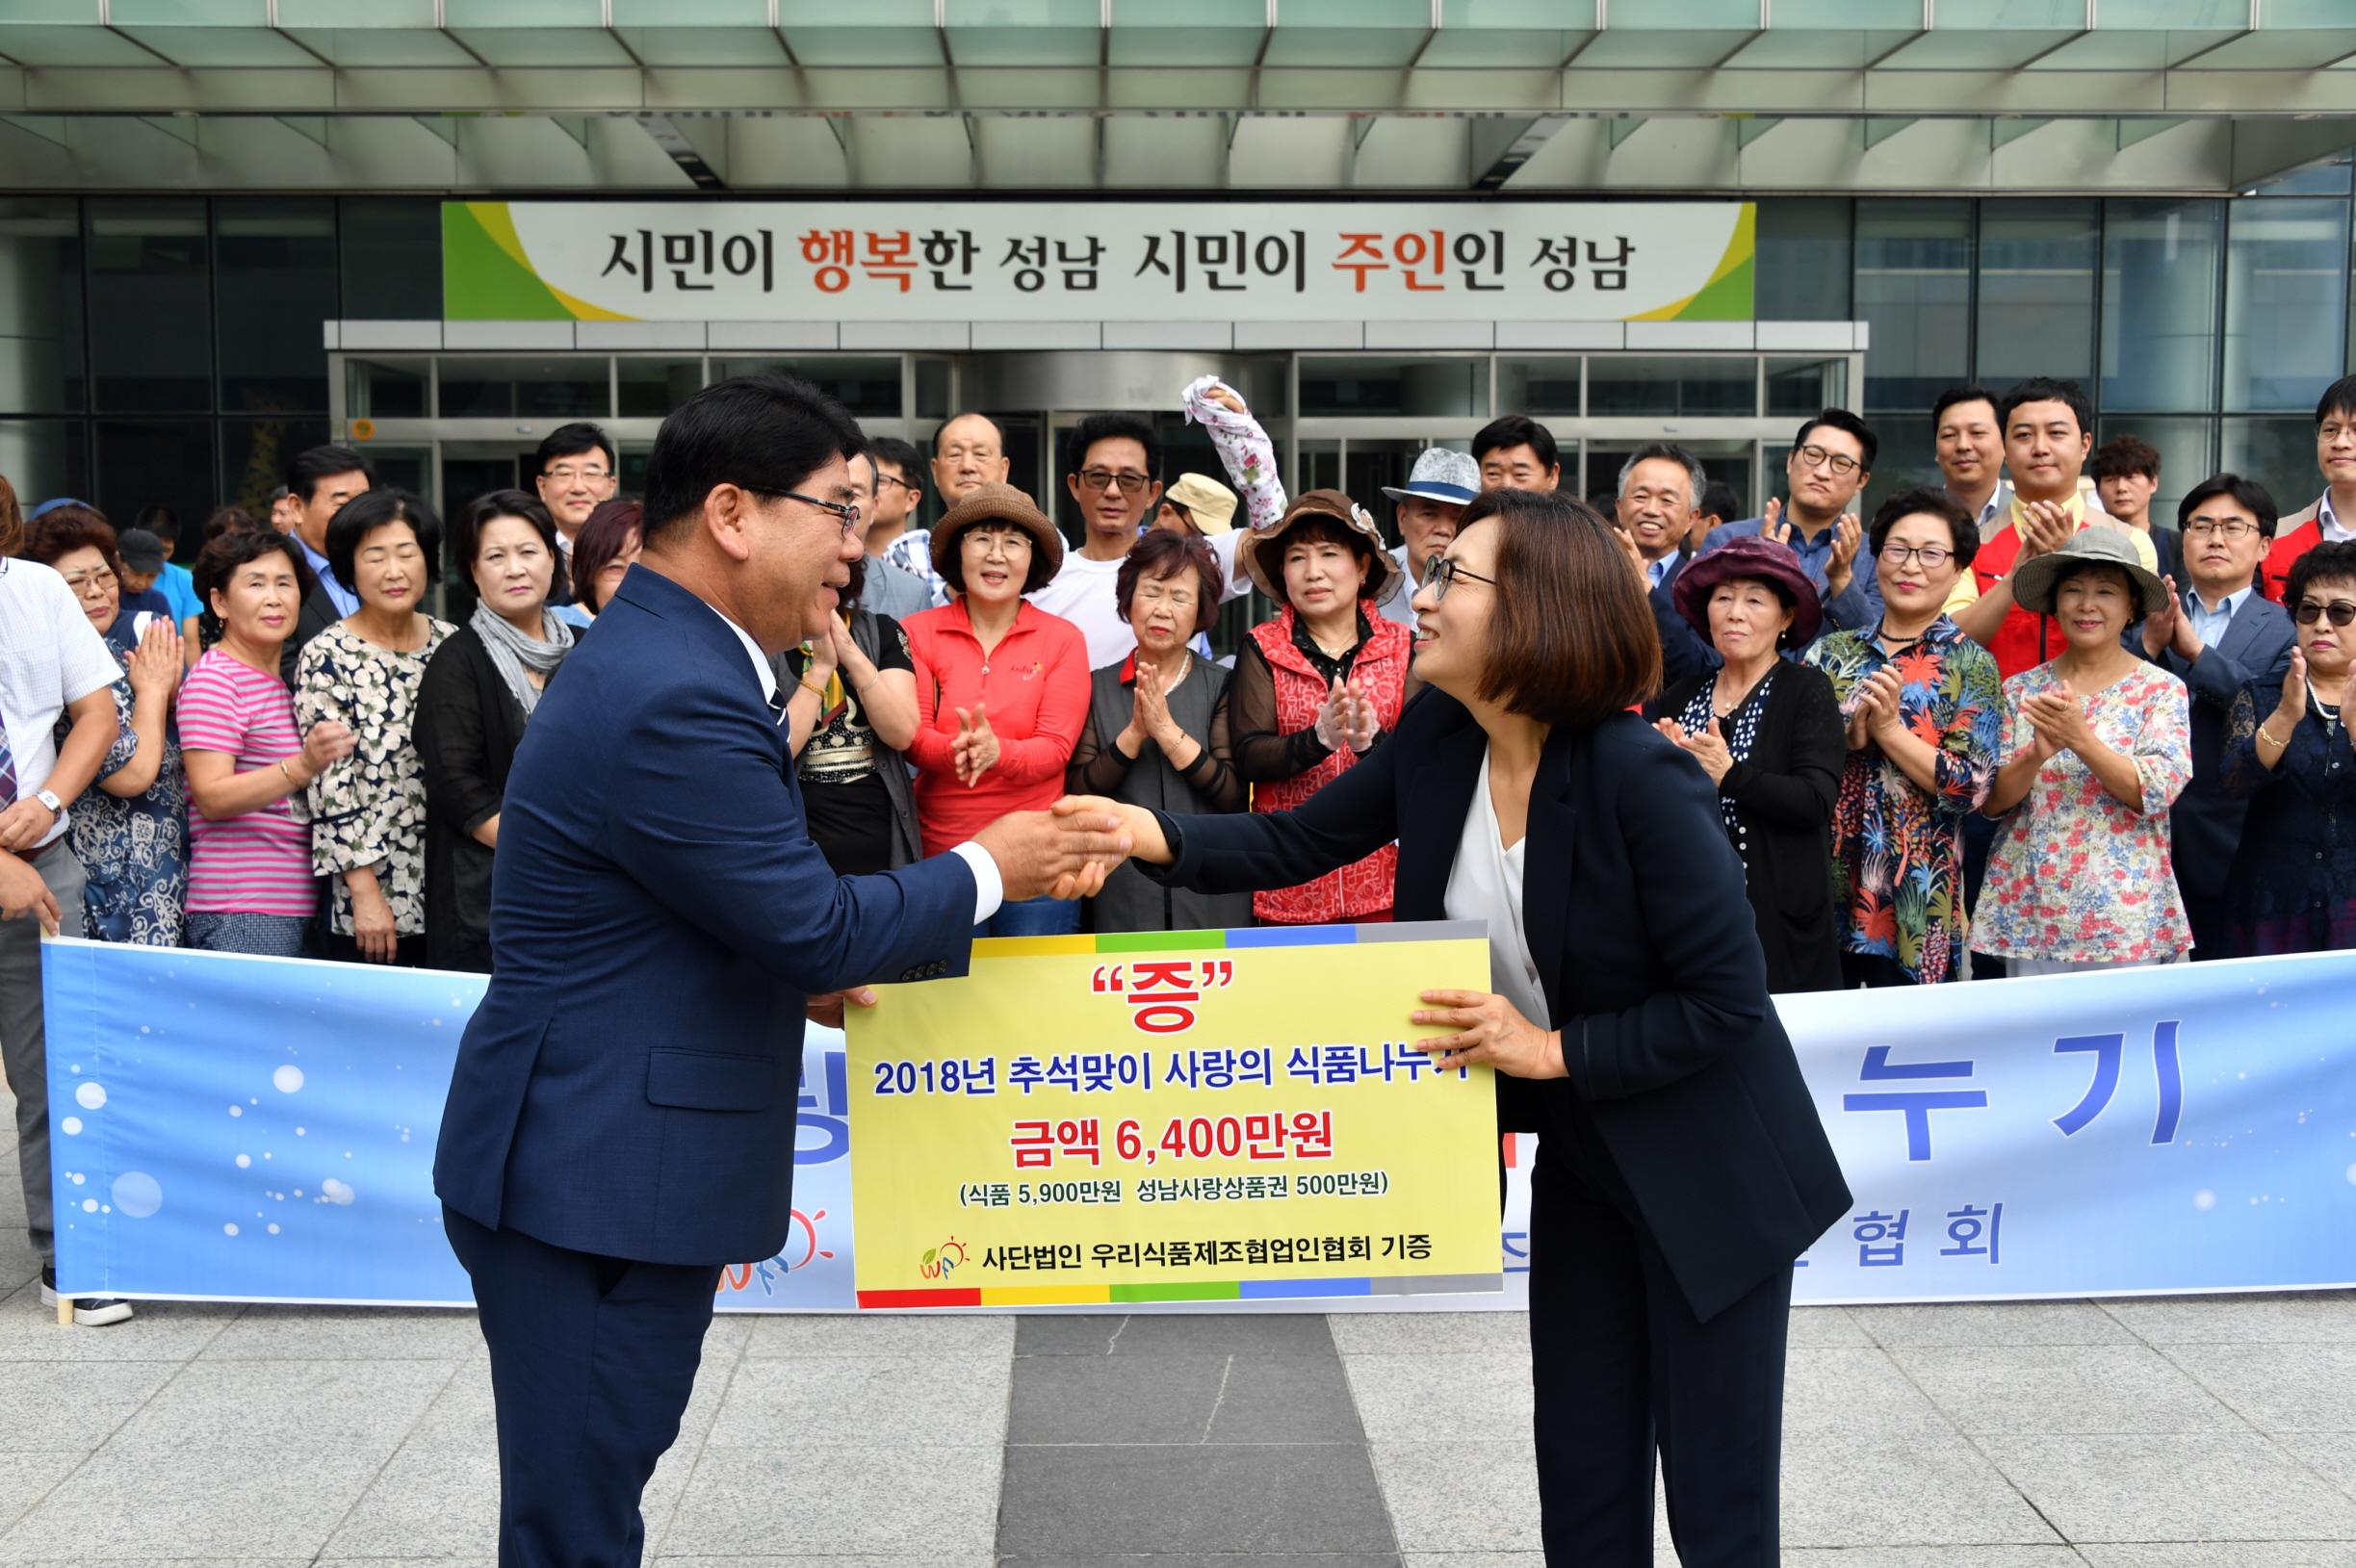 성남 식품업체들 13년째 먹거리 나눔…8억2400만원 상당